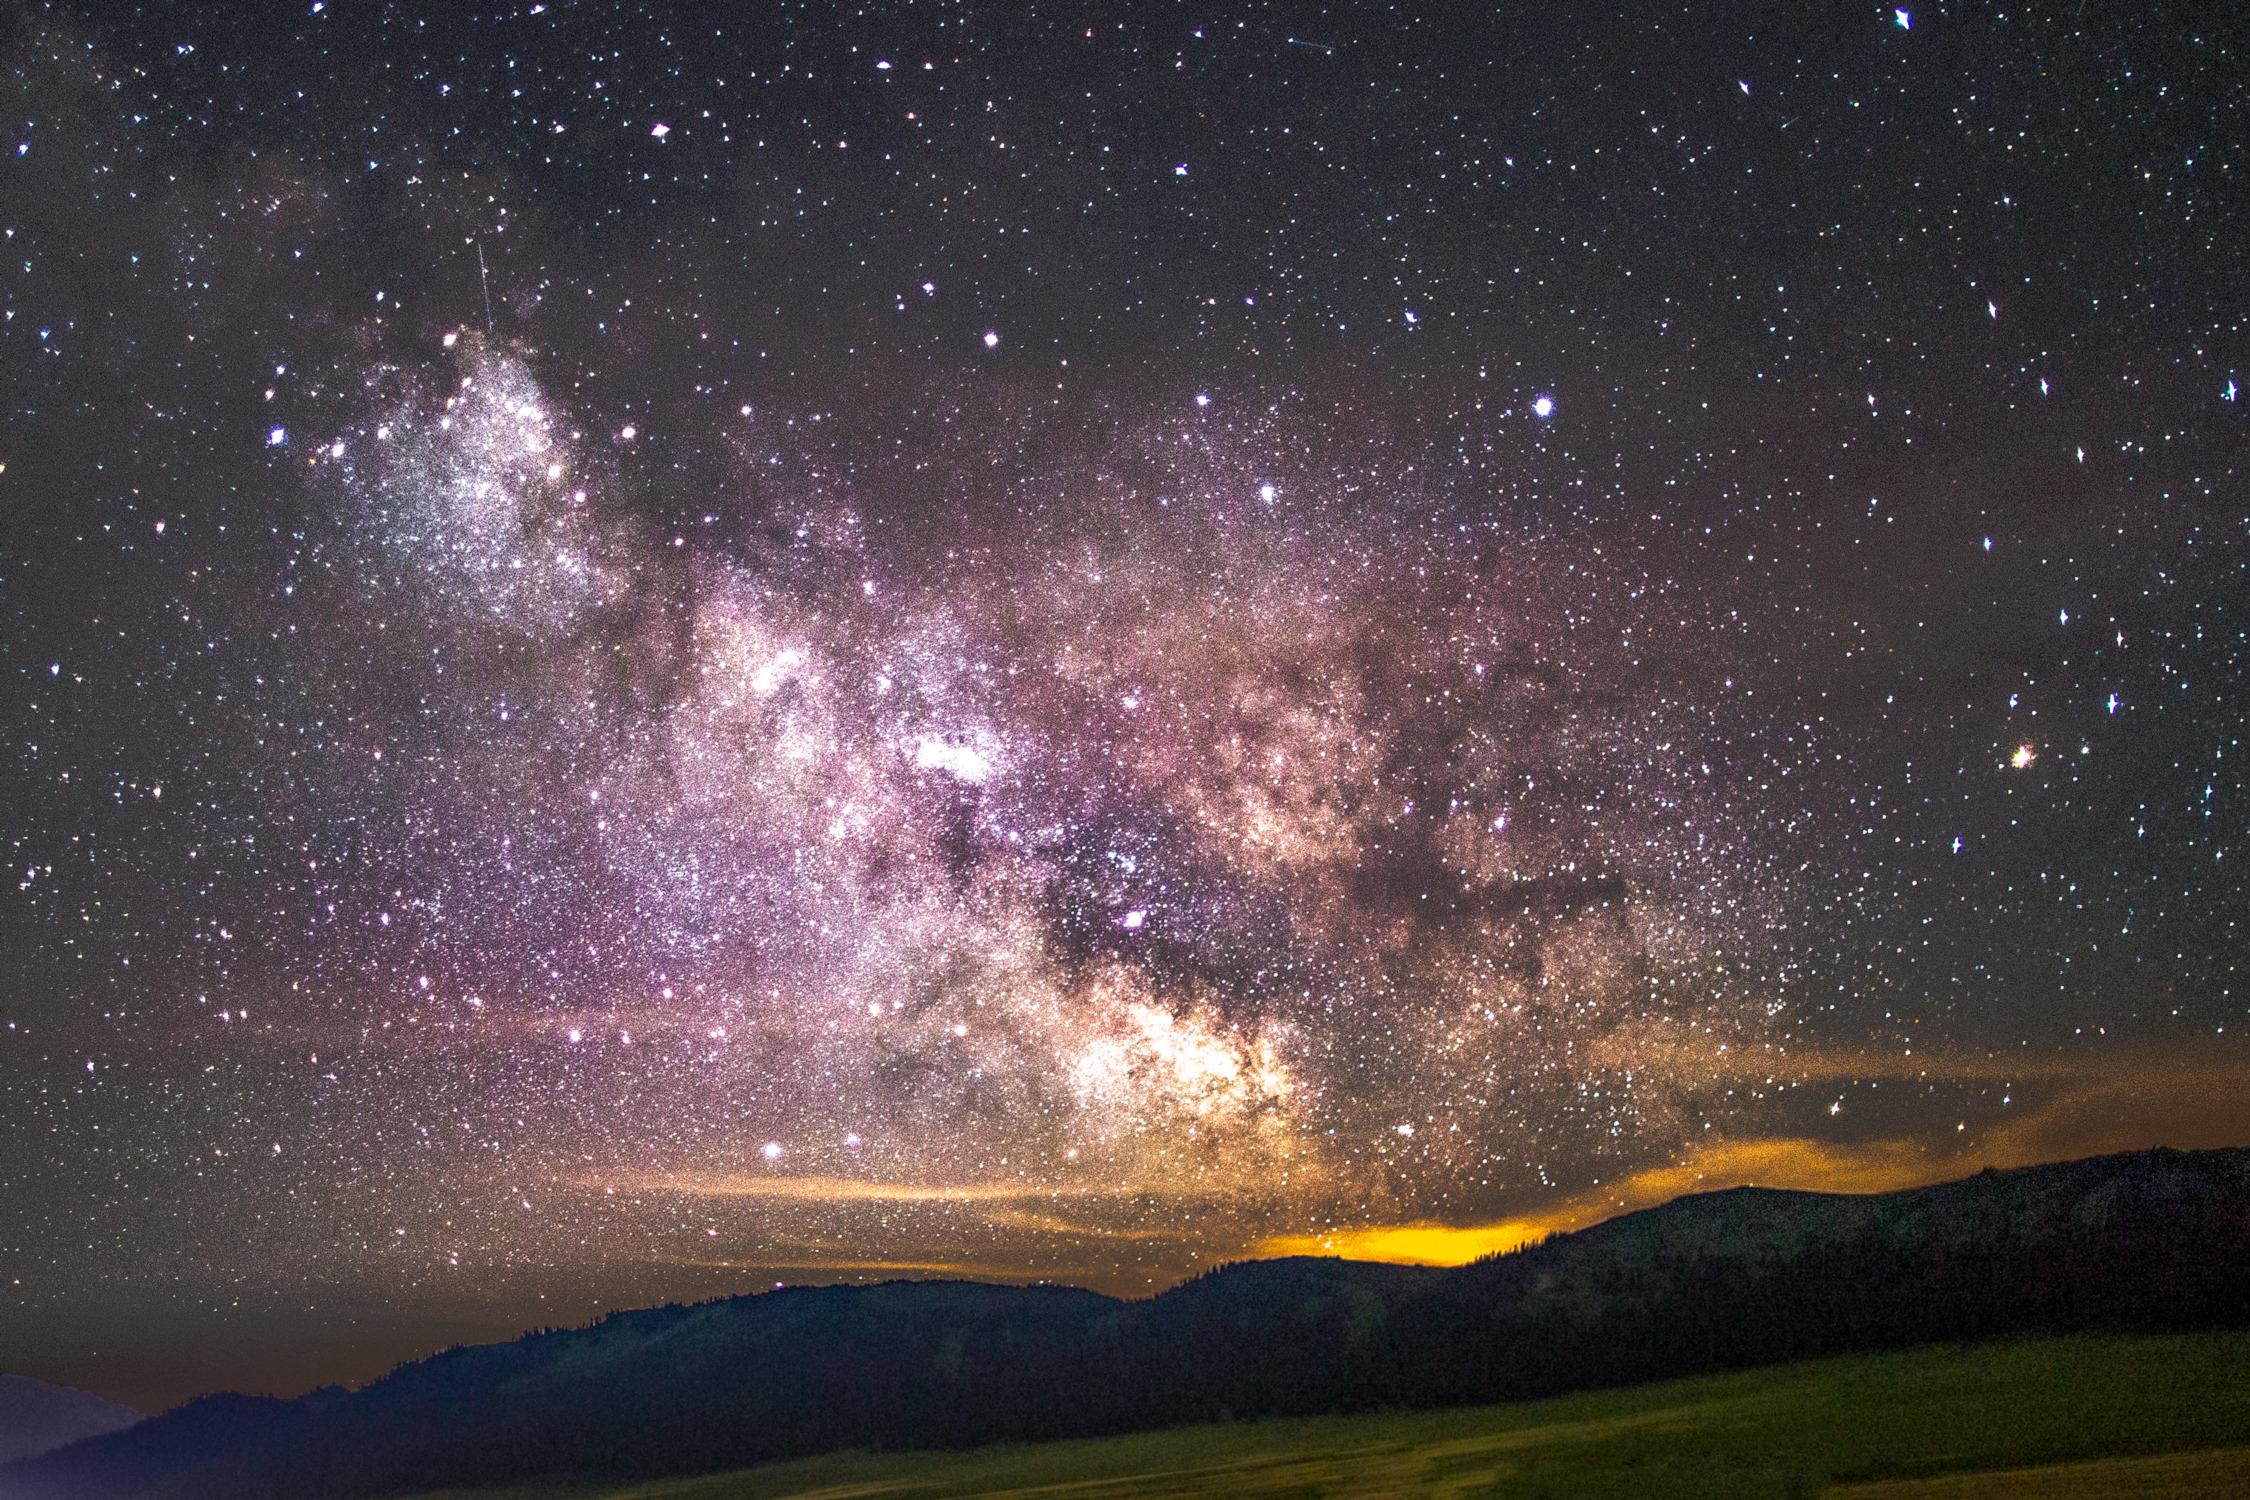 既然有机会拍到银河,那么自然要拍拍其他类型的,譬如做成GIF,拍延时摄影,看着银河从东边移动到西边,很神奇,很美妙。一分钟拍一张,每张曝光30秒,后期通过PS时间轴,制作成GIF动画。    经验分享:星空600法则,指的是用600除以你的焦段(等效35mm的焦段)然后得到的数值就是你的最大快门速度。众所周知,银河是移动的,所以快门时间太长可能会出现拖影的现象。不过一般缩图后,星星就算有一点点移动,也是看不出来的。个人建议,对于全画幅相机,14mm的焦距可以曝30秒,24mm的焦距个人建议不要超过1